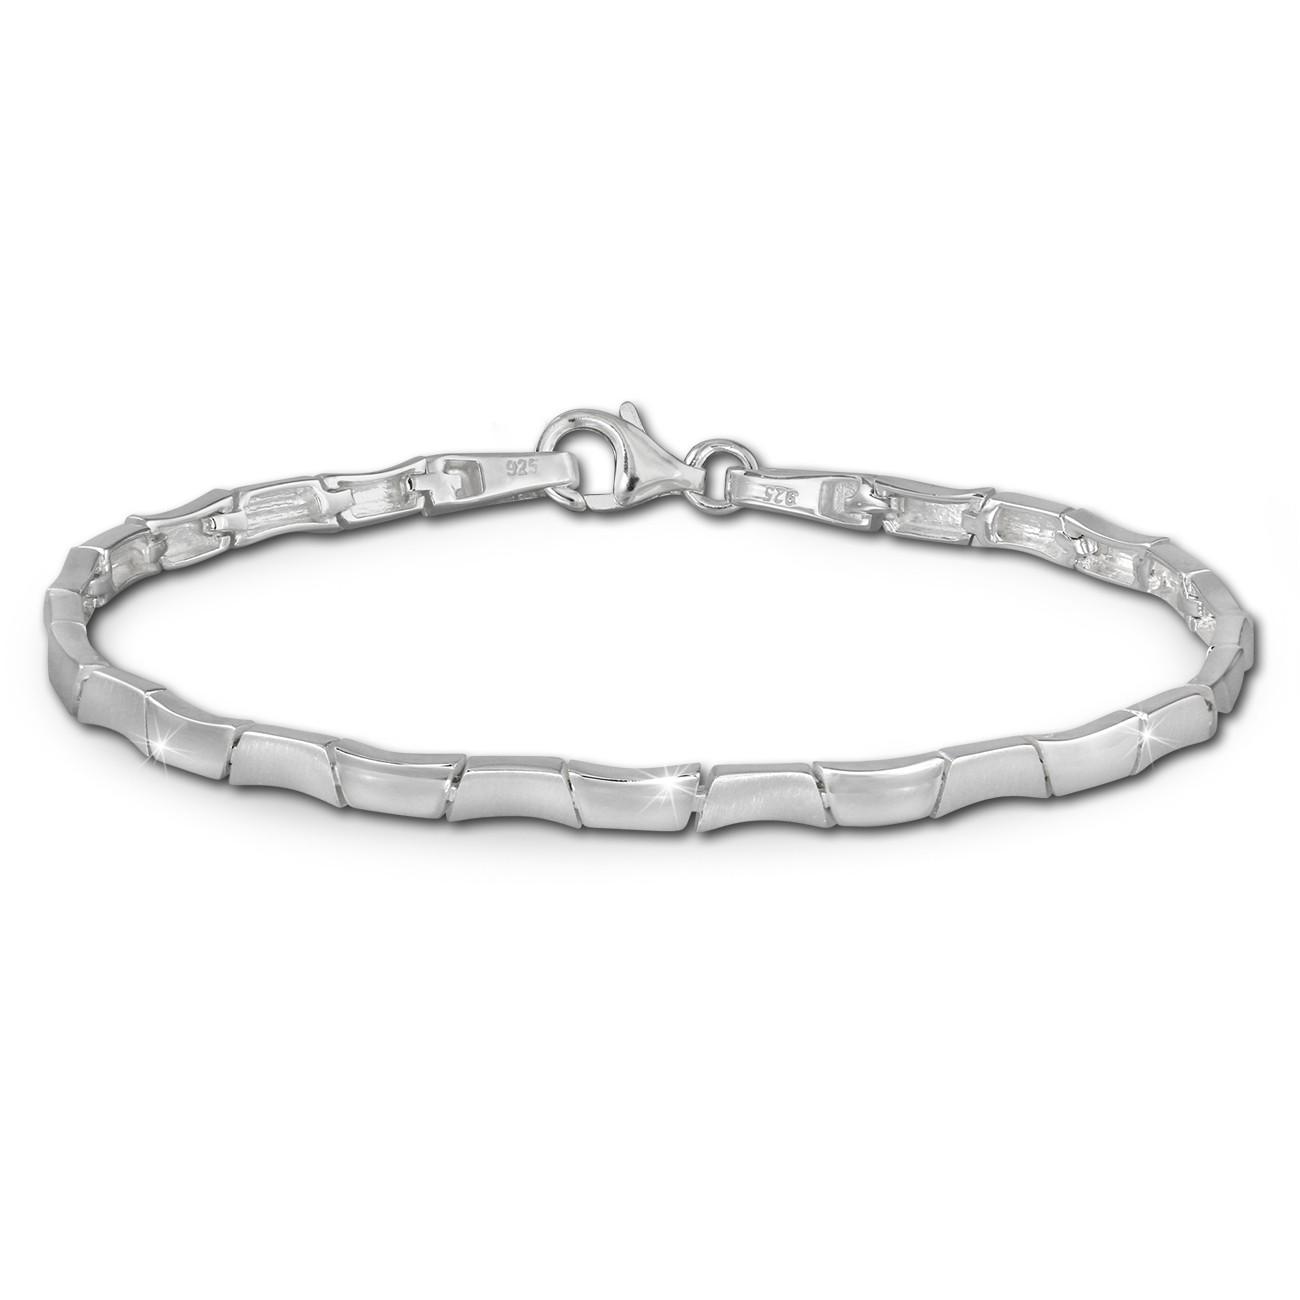 SilberDream Armband Design matt/glänzend 925 Sterling Silber 19cm SDA427